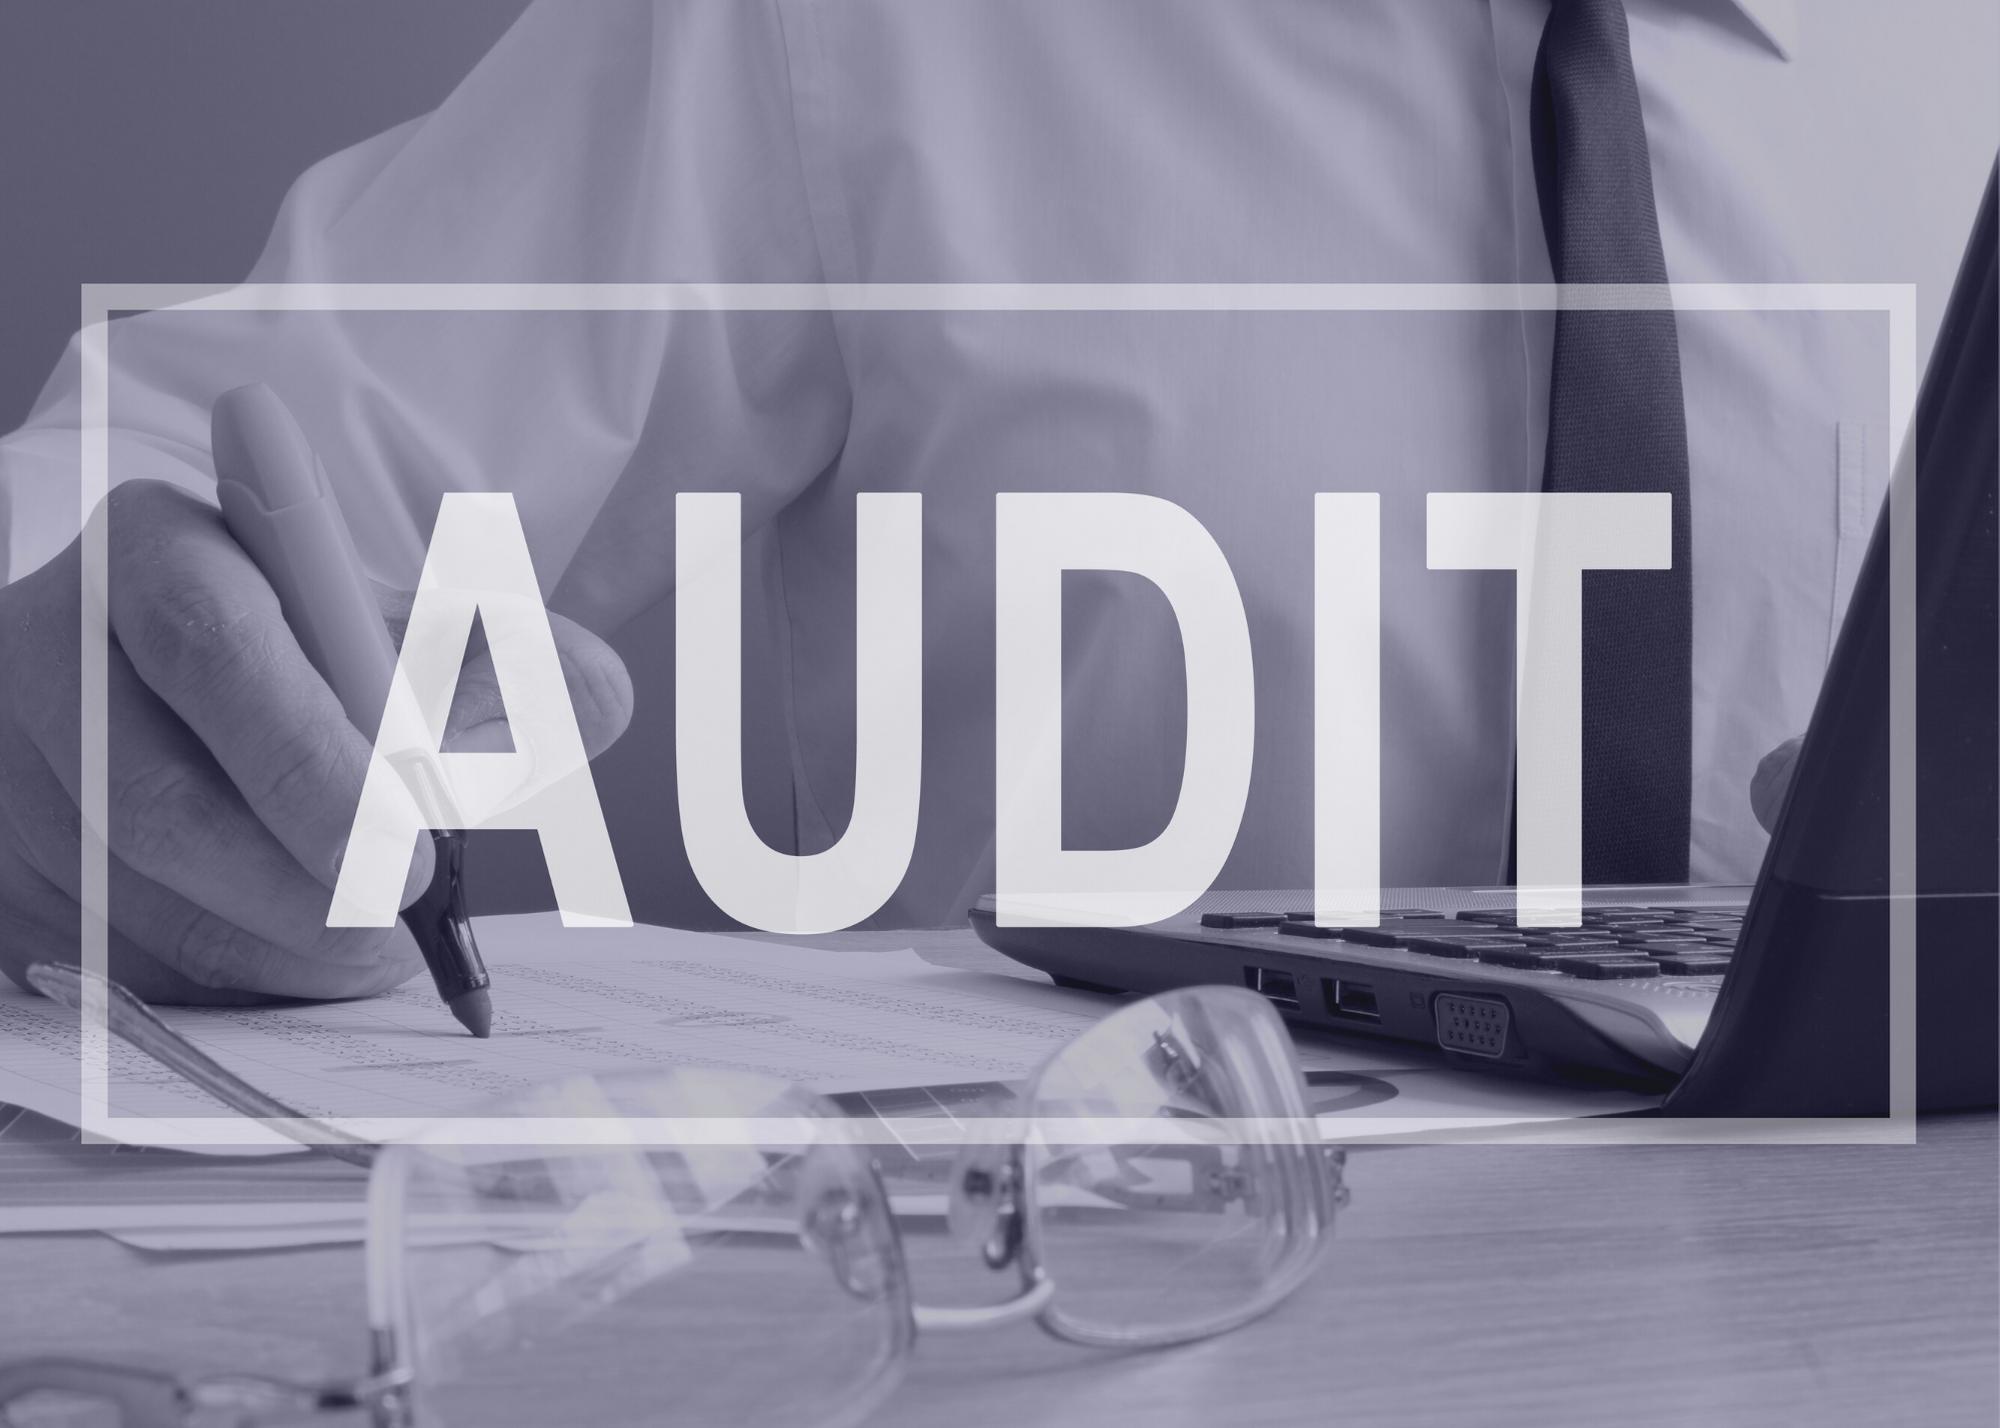 audit - text